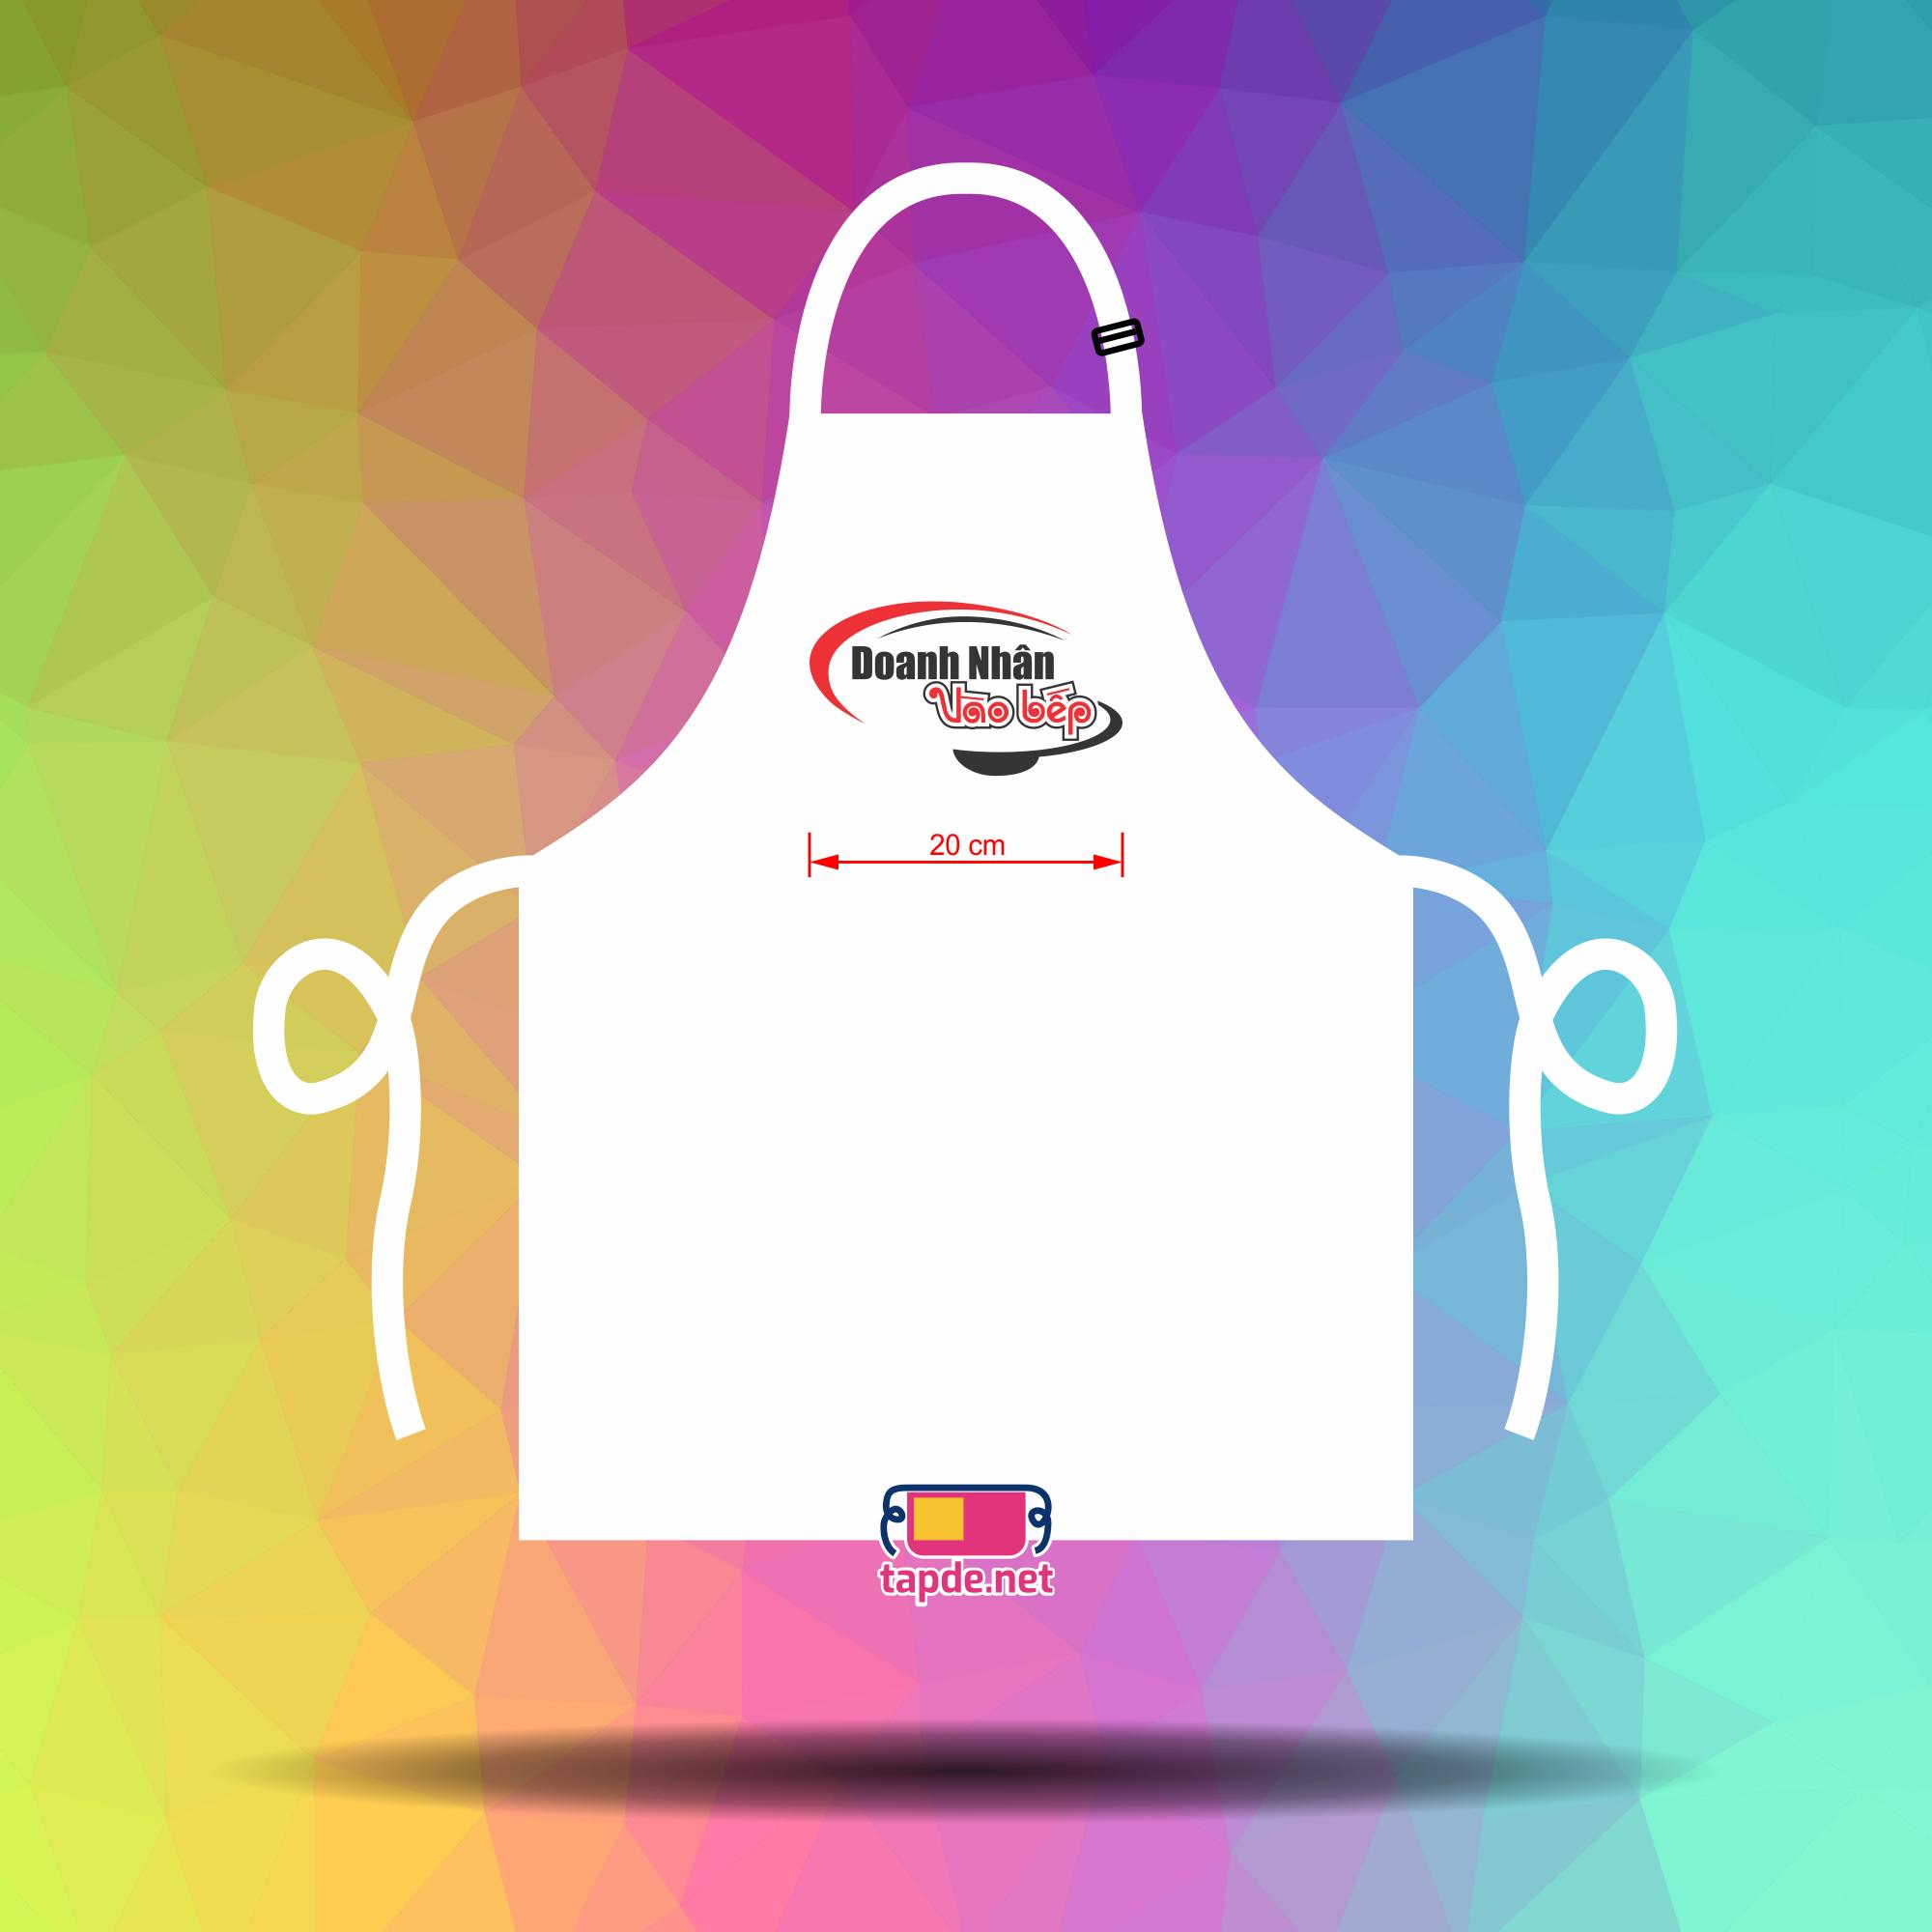 May tạp dề mẫu đẹp chất lượng cho cuộc thi Doanh Nhân Vào Bếp